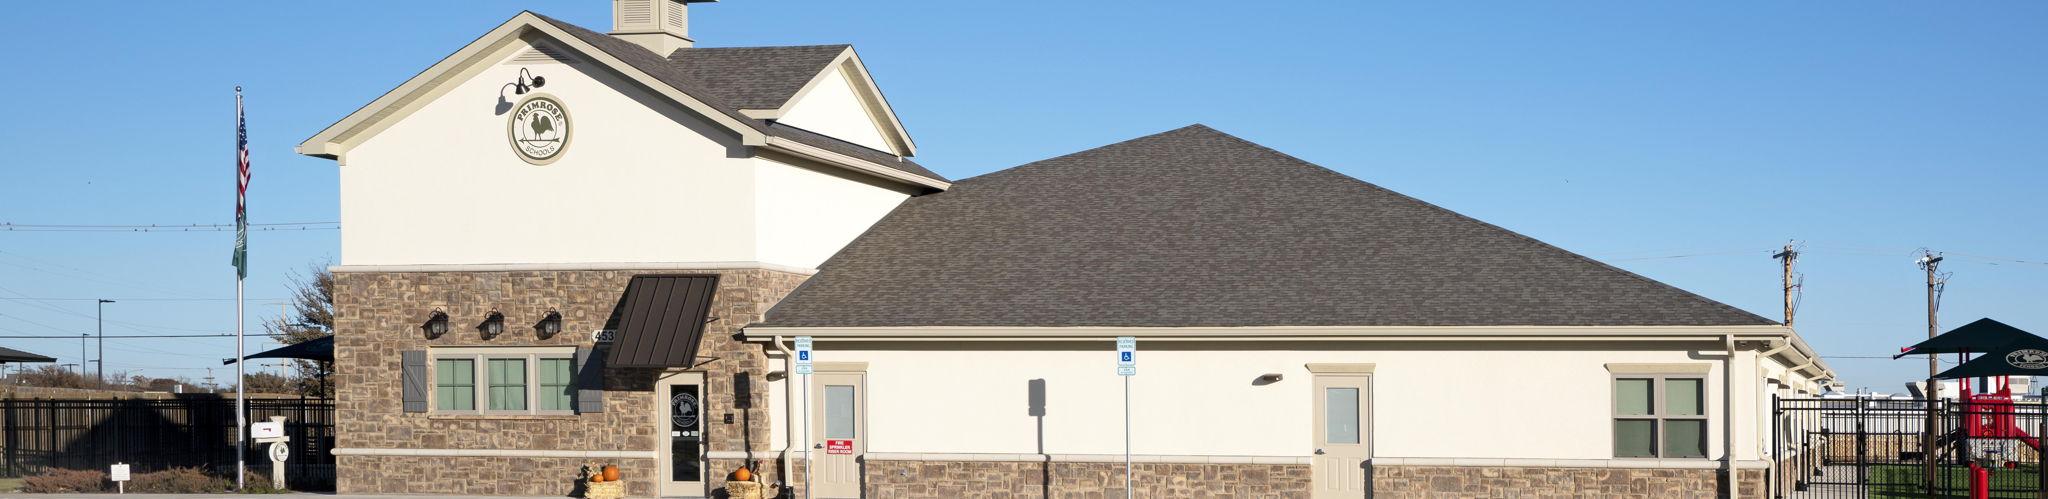 exterior image of Primrose School of Amarillo Southwest